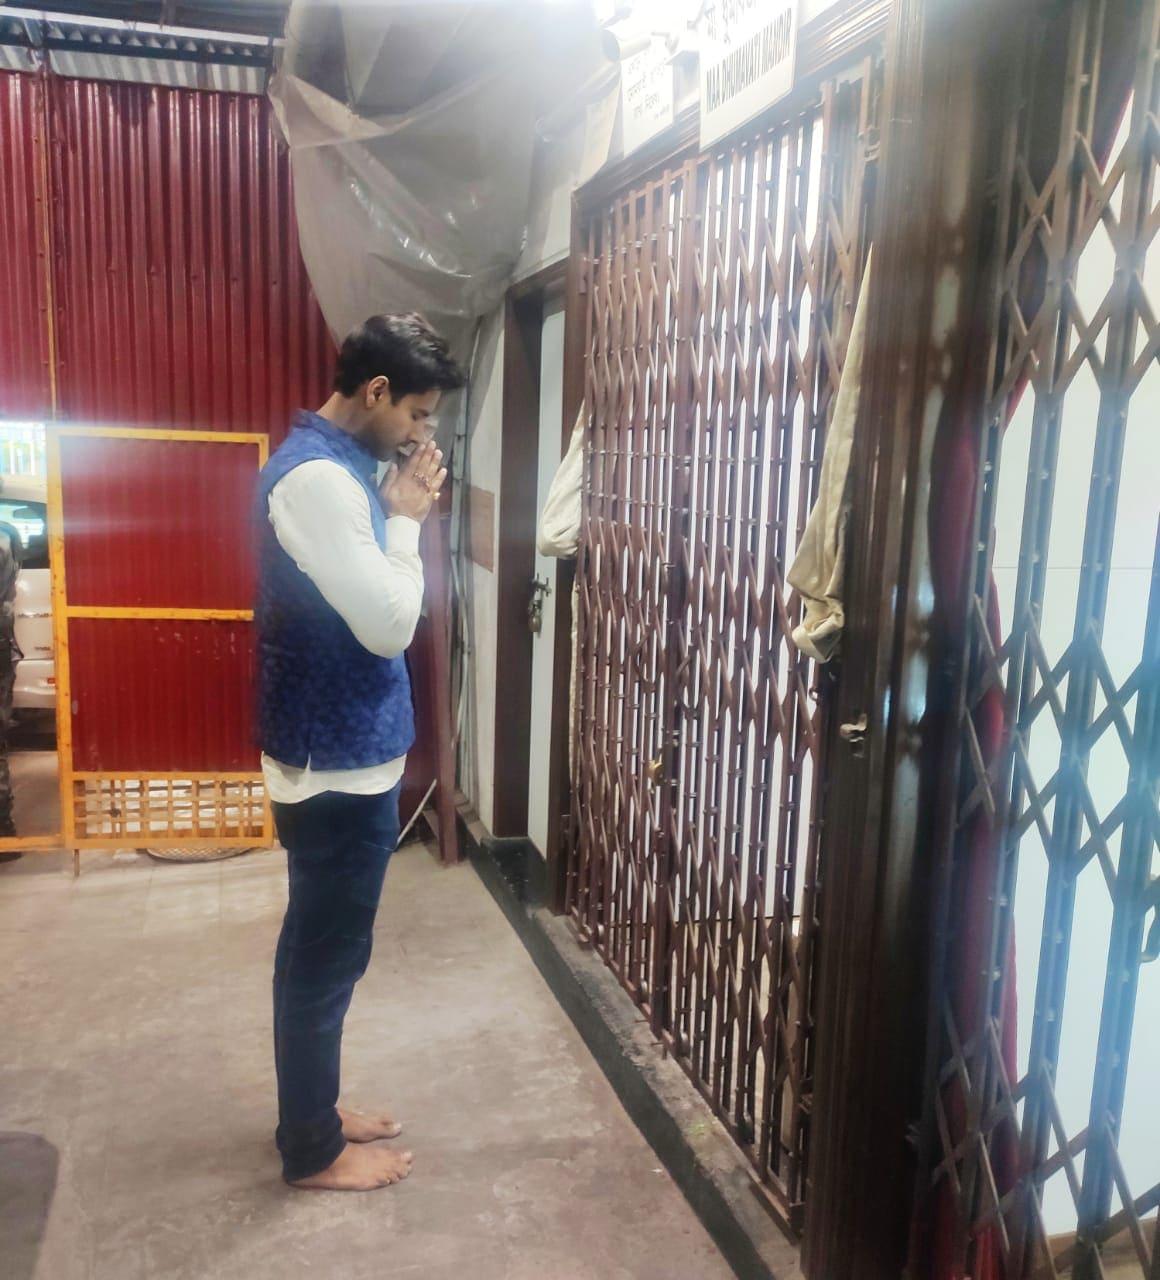 সোমবার লেক কালী বাড়িতে পুজো দিয়ে নিজের বিধানসভা কেন্দ্রের দিকে রওনা দেন যশ। এদিন একদম ব্লু ডেনিম, সাদা শার্টে দেখা মিলল যশের। সঙ্গে নীল রঙা জহর কোট।